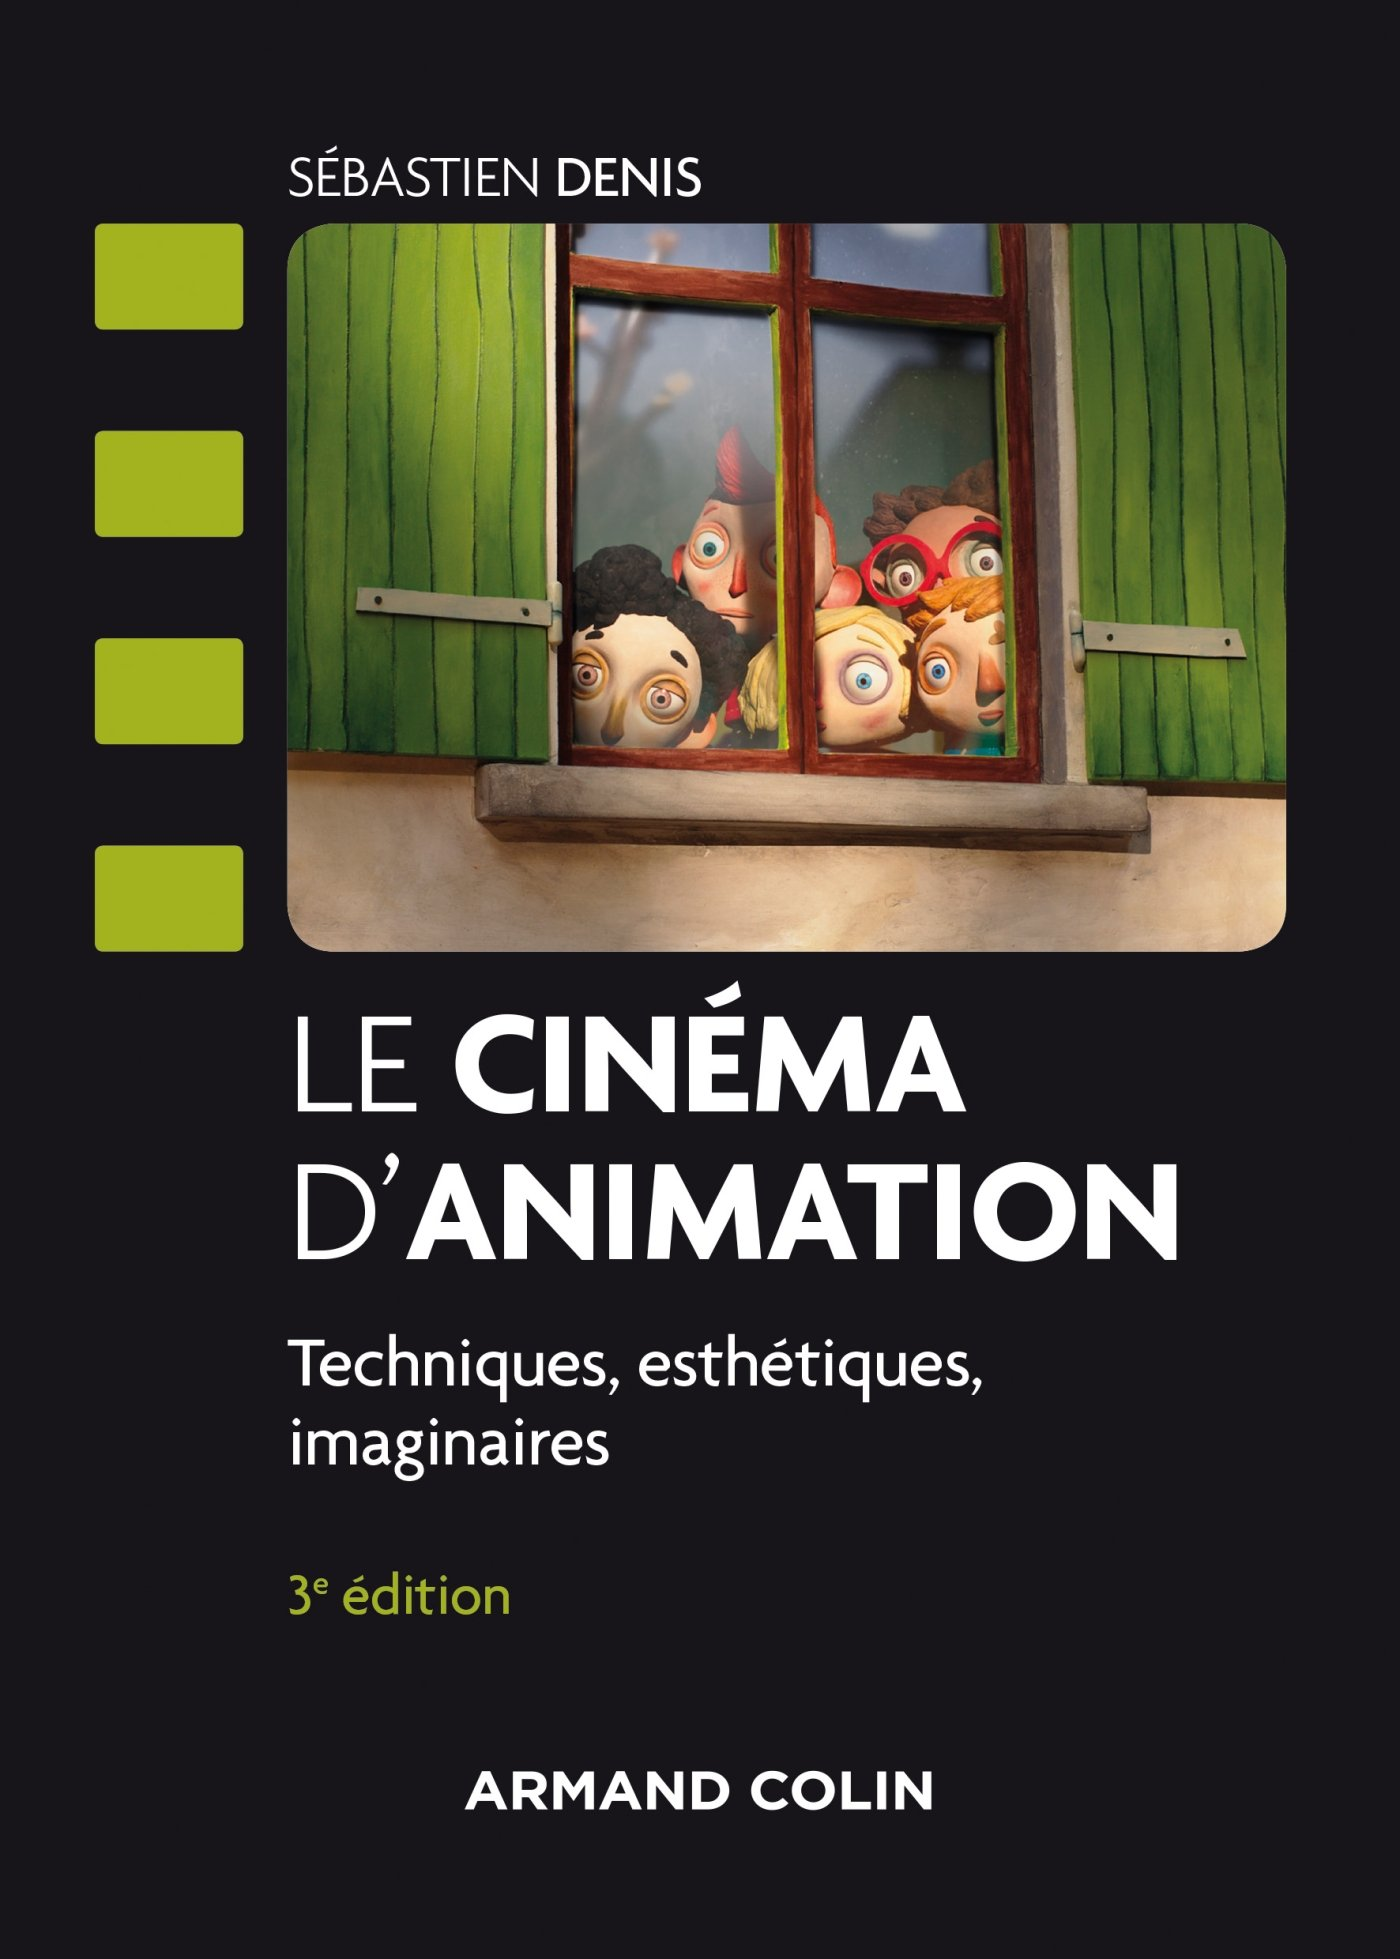 Download Le cinéma d'animation - 3e éd. - Techniques, esthétiques, imaginaires PDF